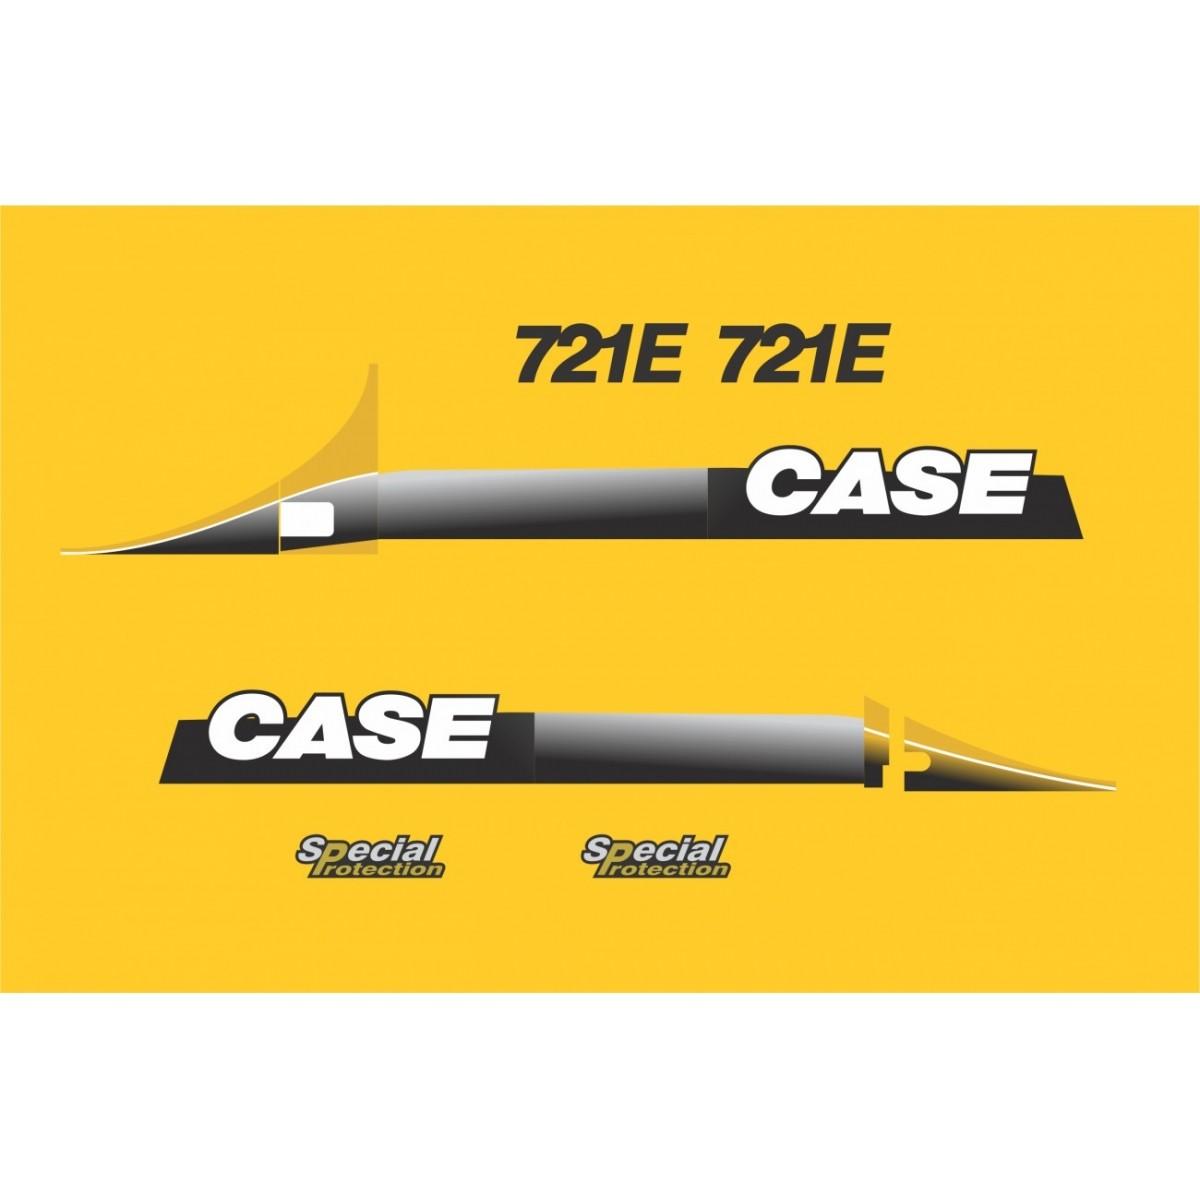 Kit Adesivos Case 721e - Decalx